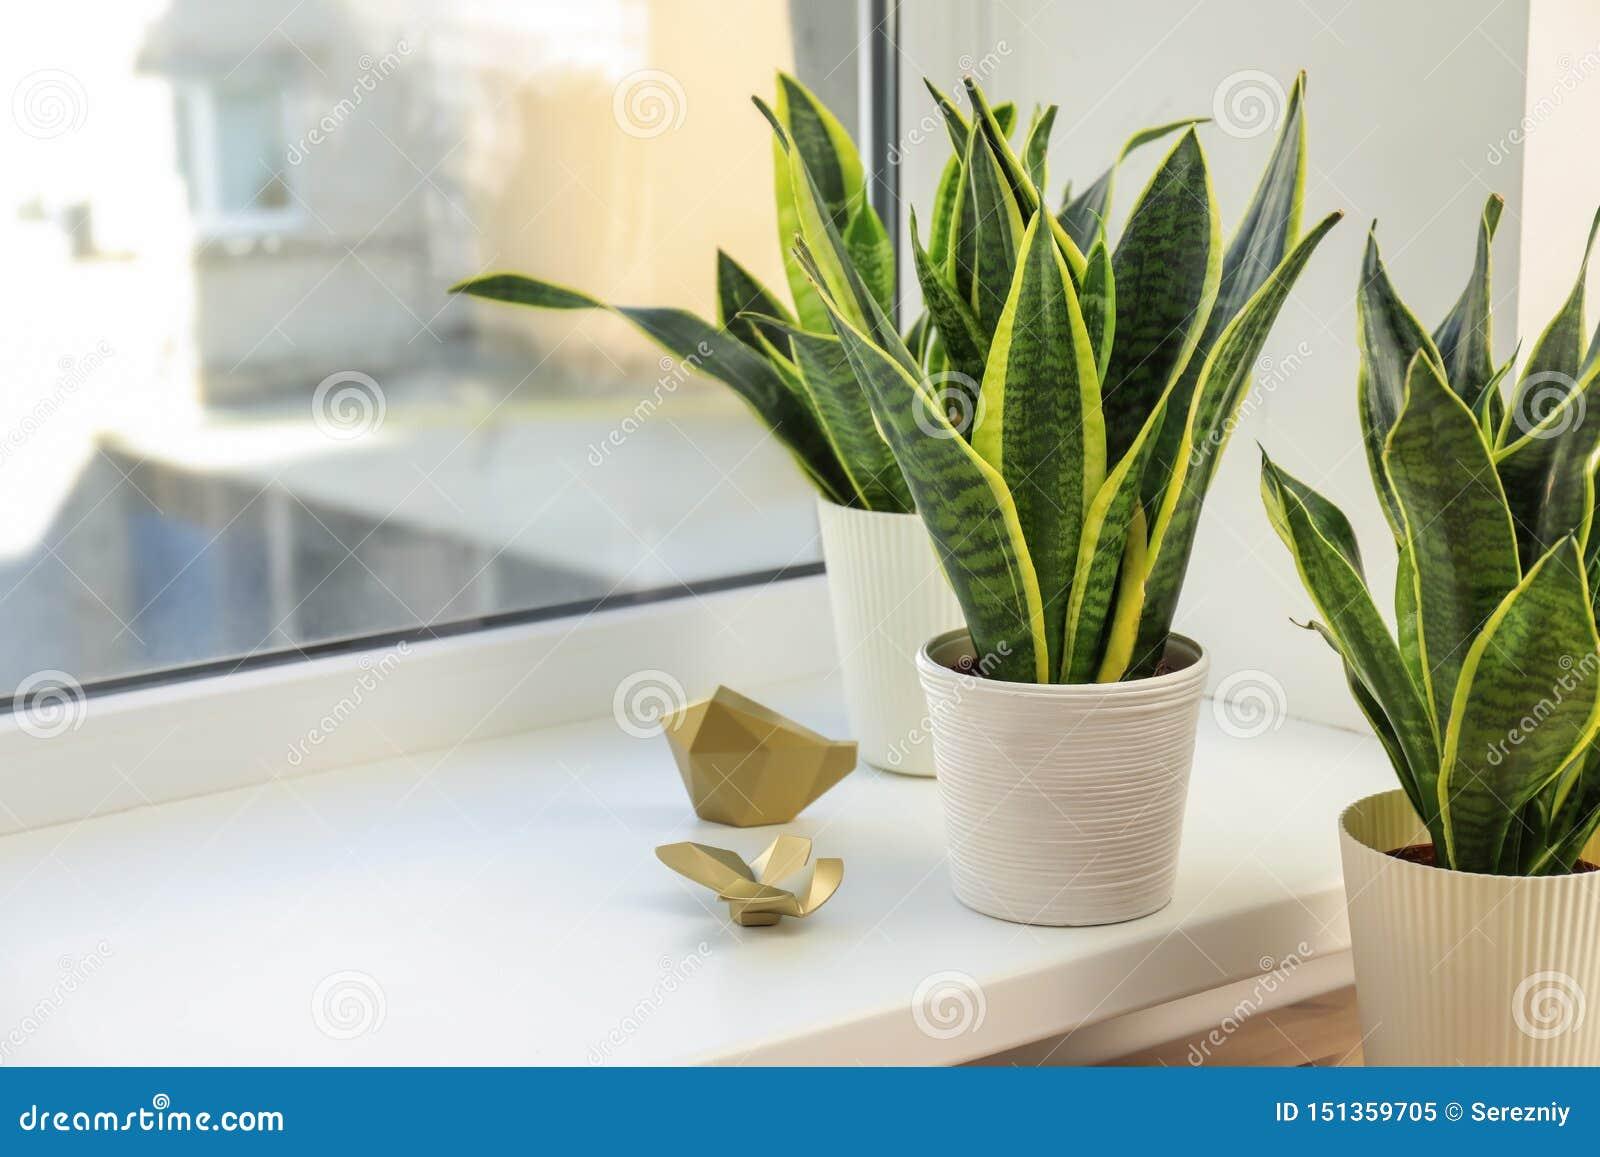 窗台的装饰百合科植物植物